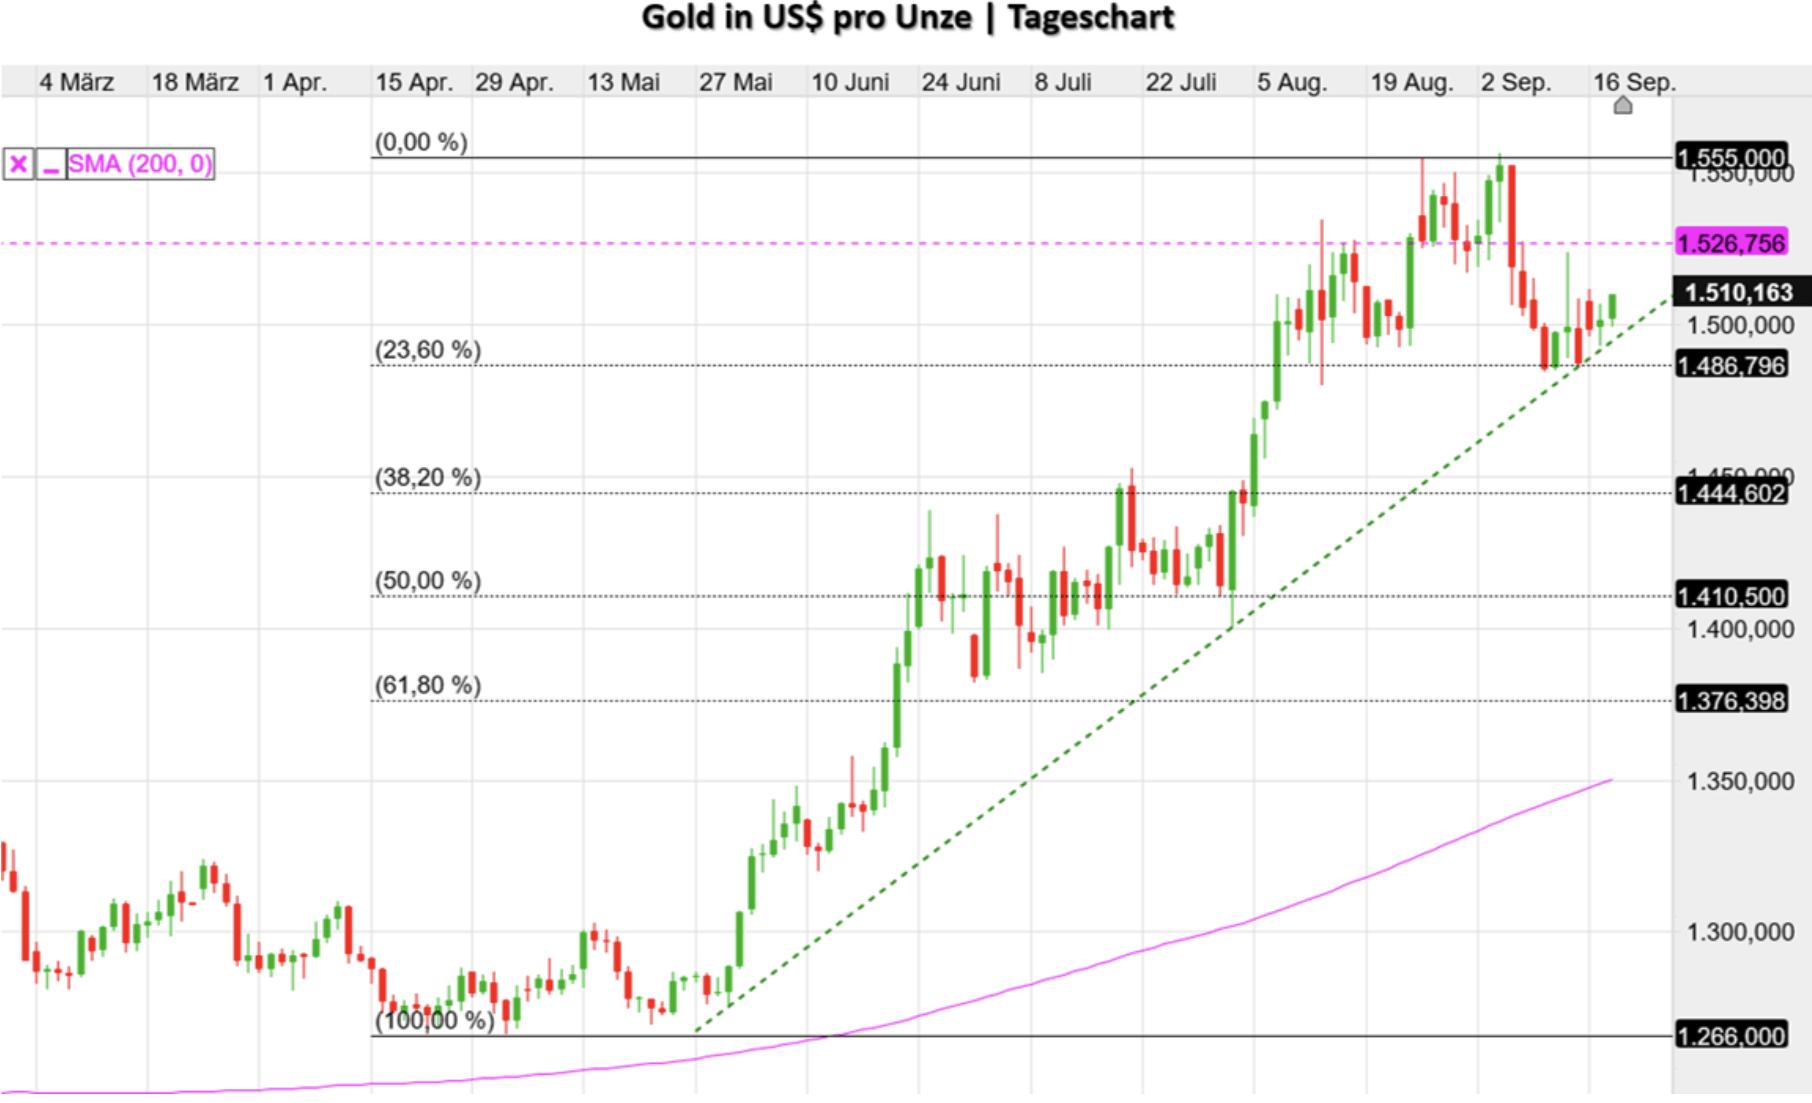 Goldpreis in US-Dollar seit März